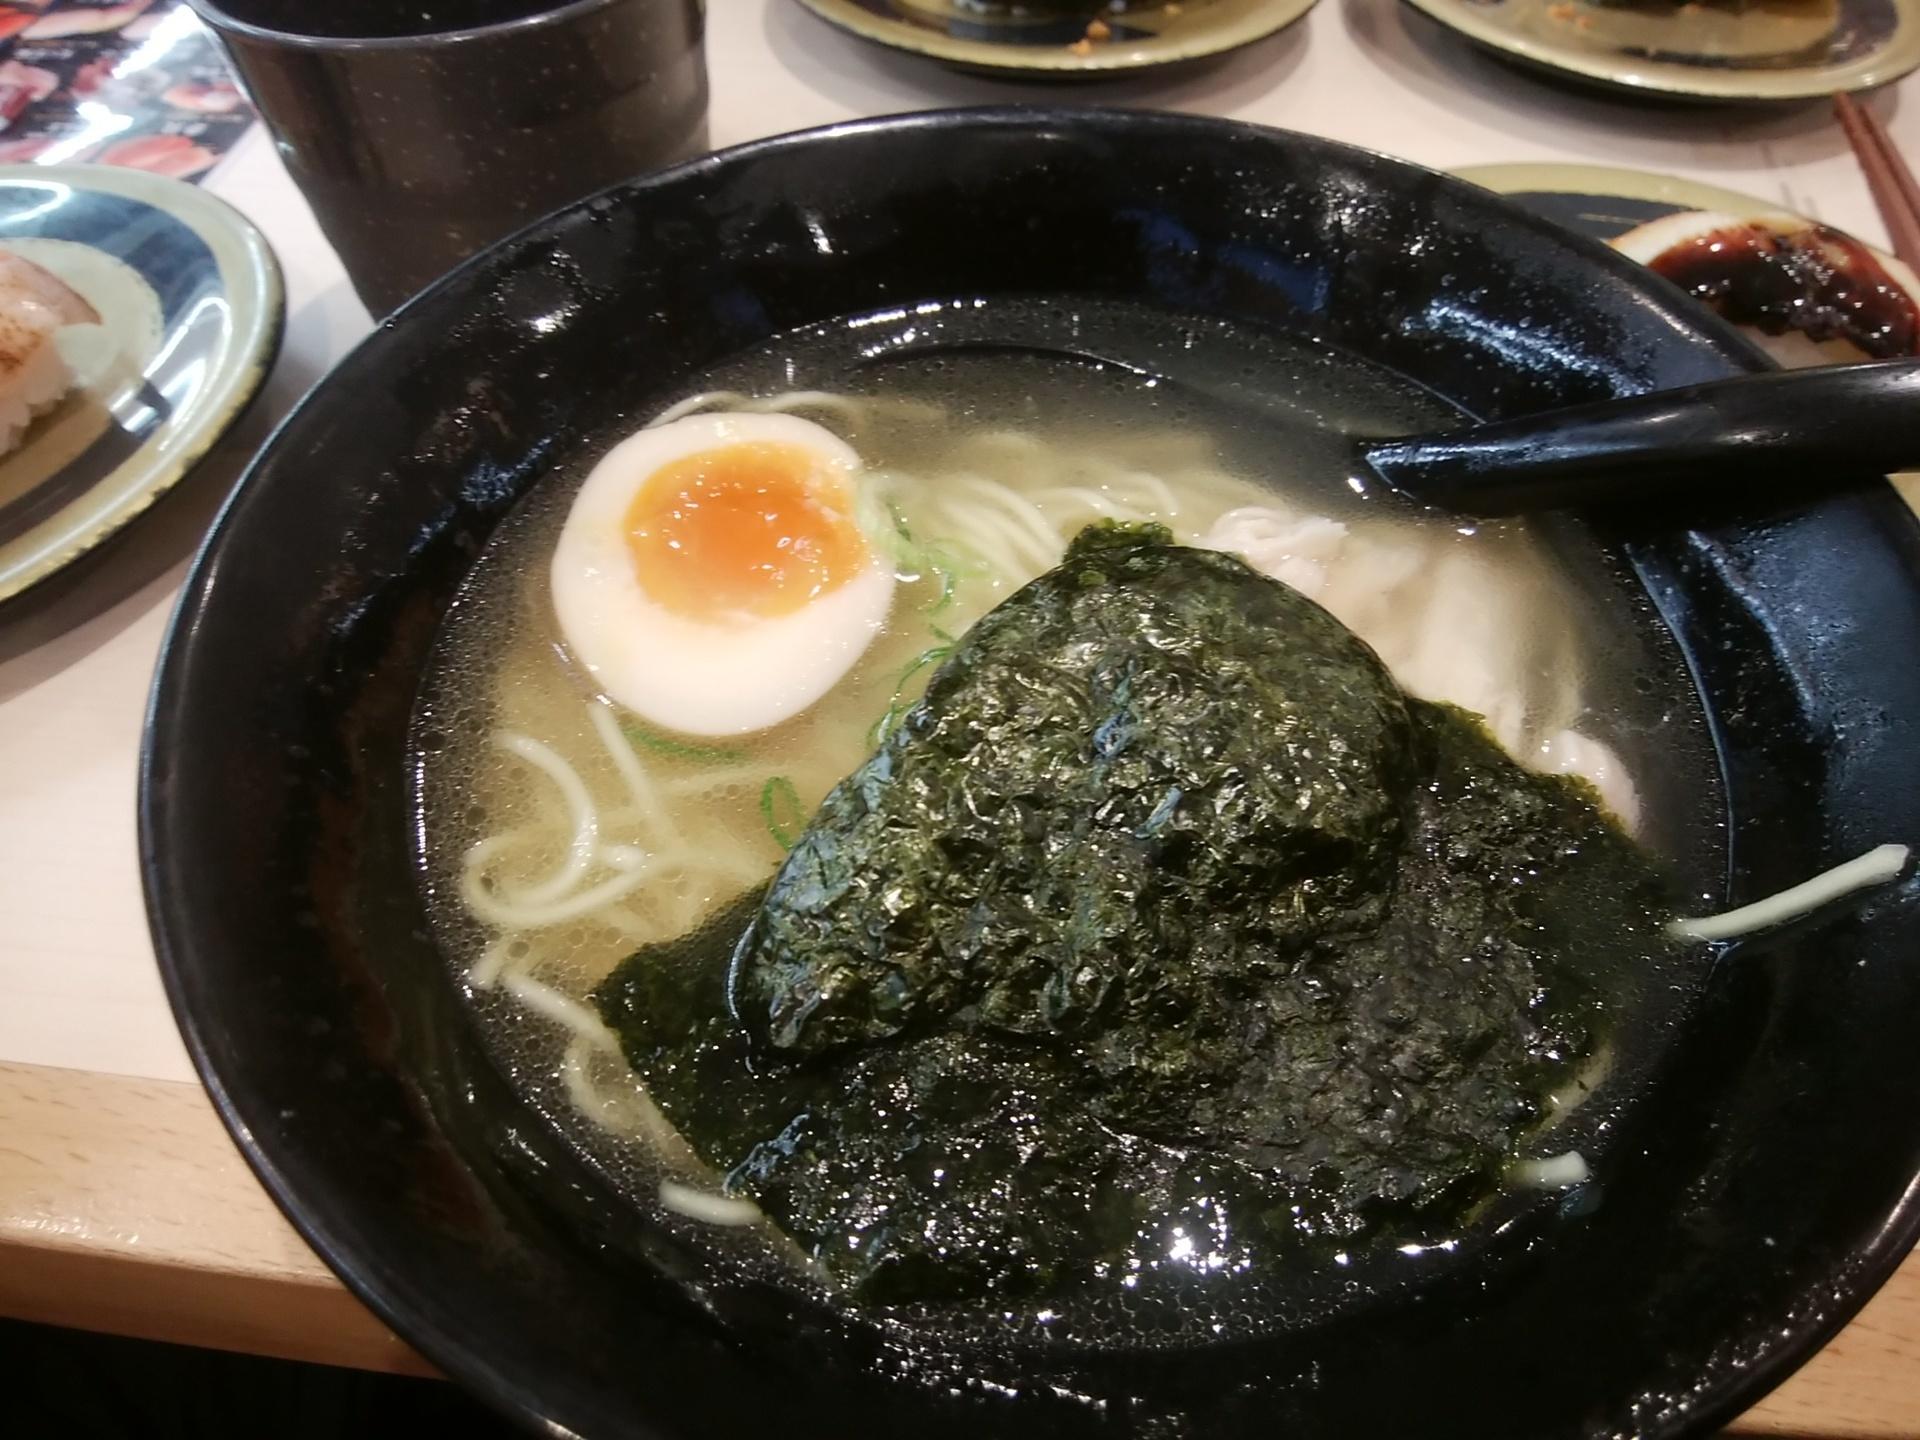 はま寿司 南船橋店 千葉県船橋市若松1 2 10 ナガチンのブログ